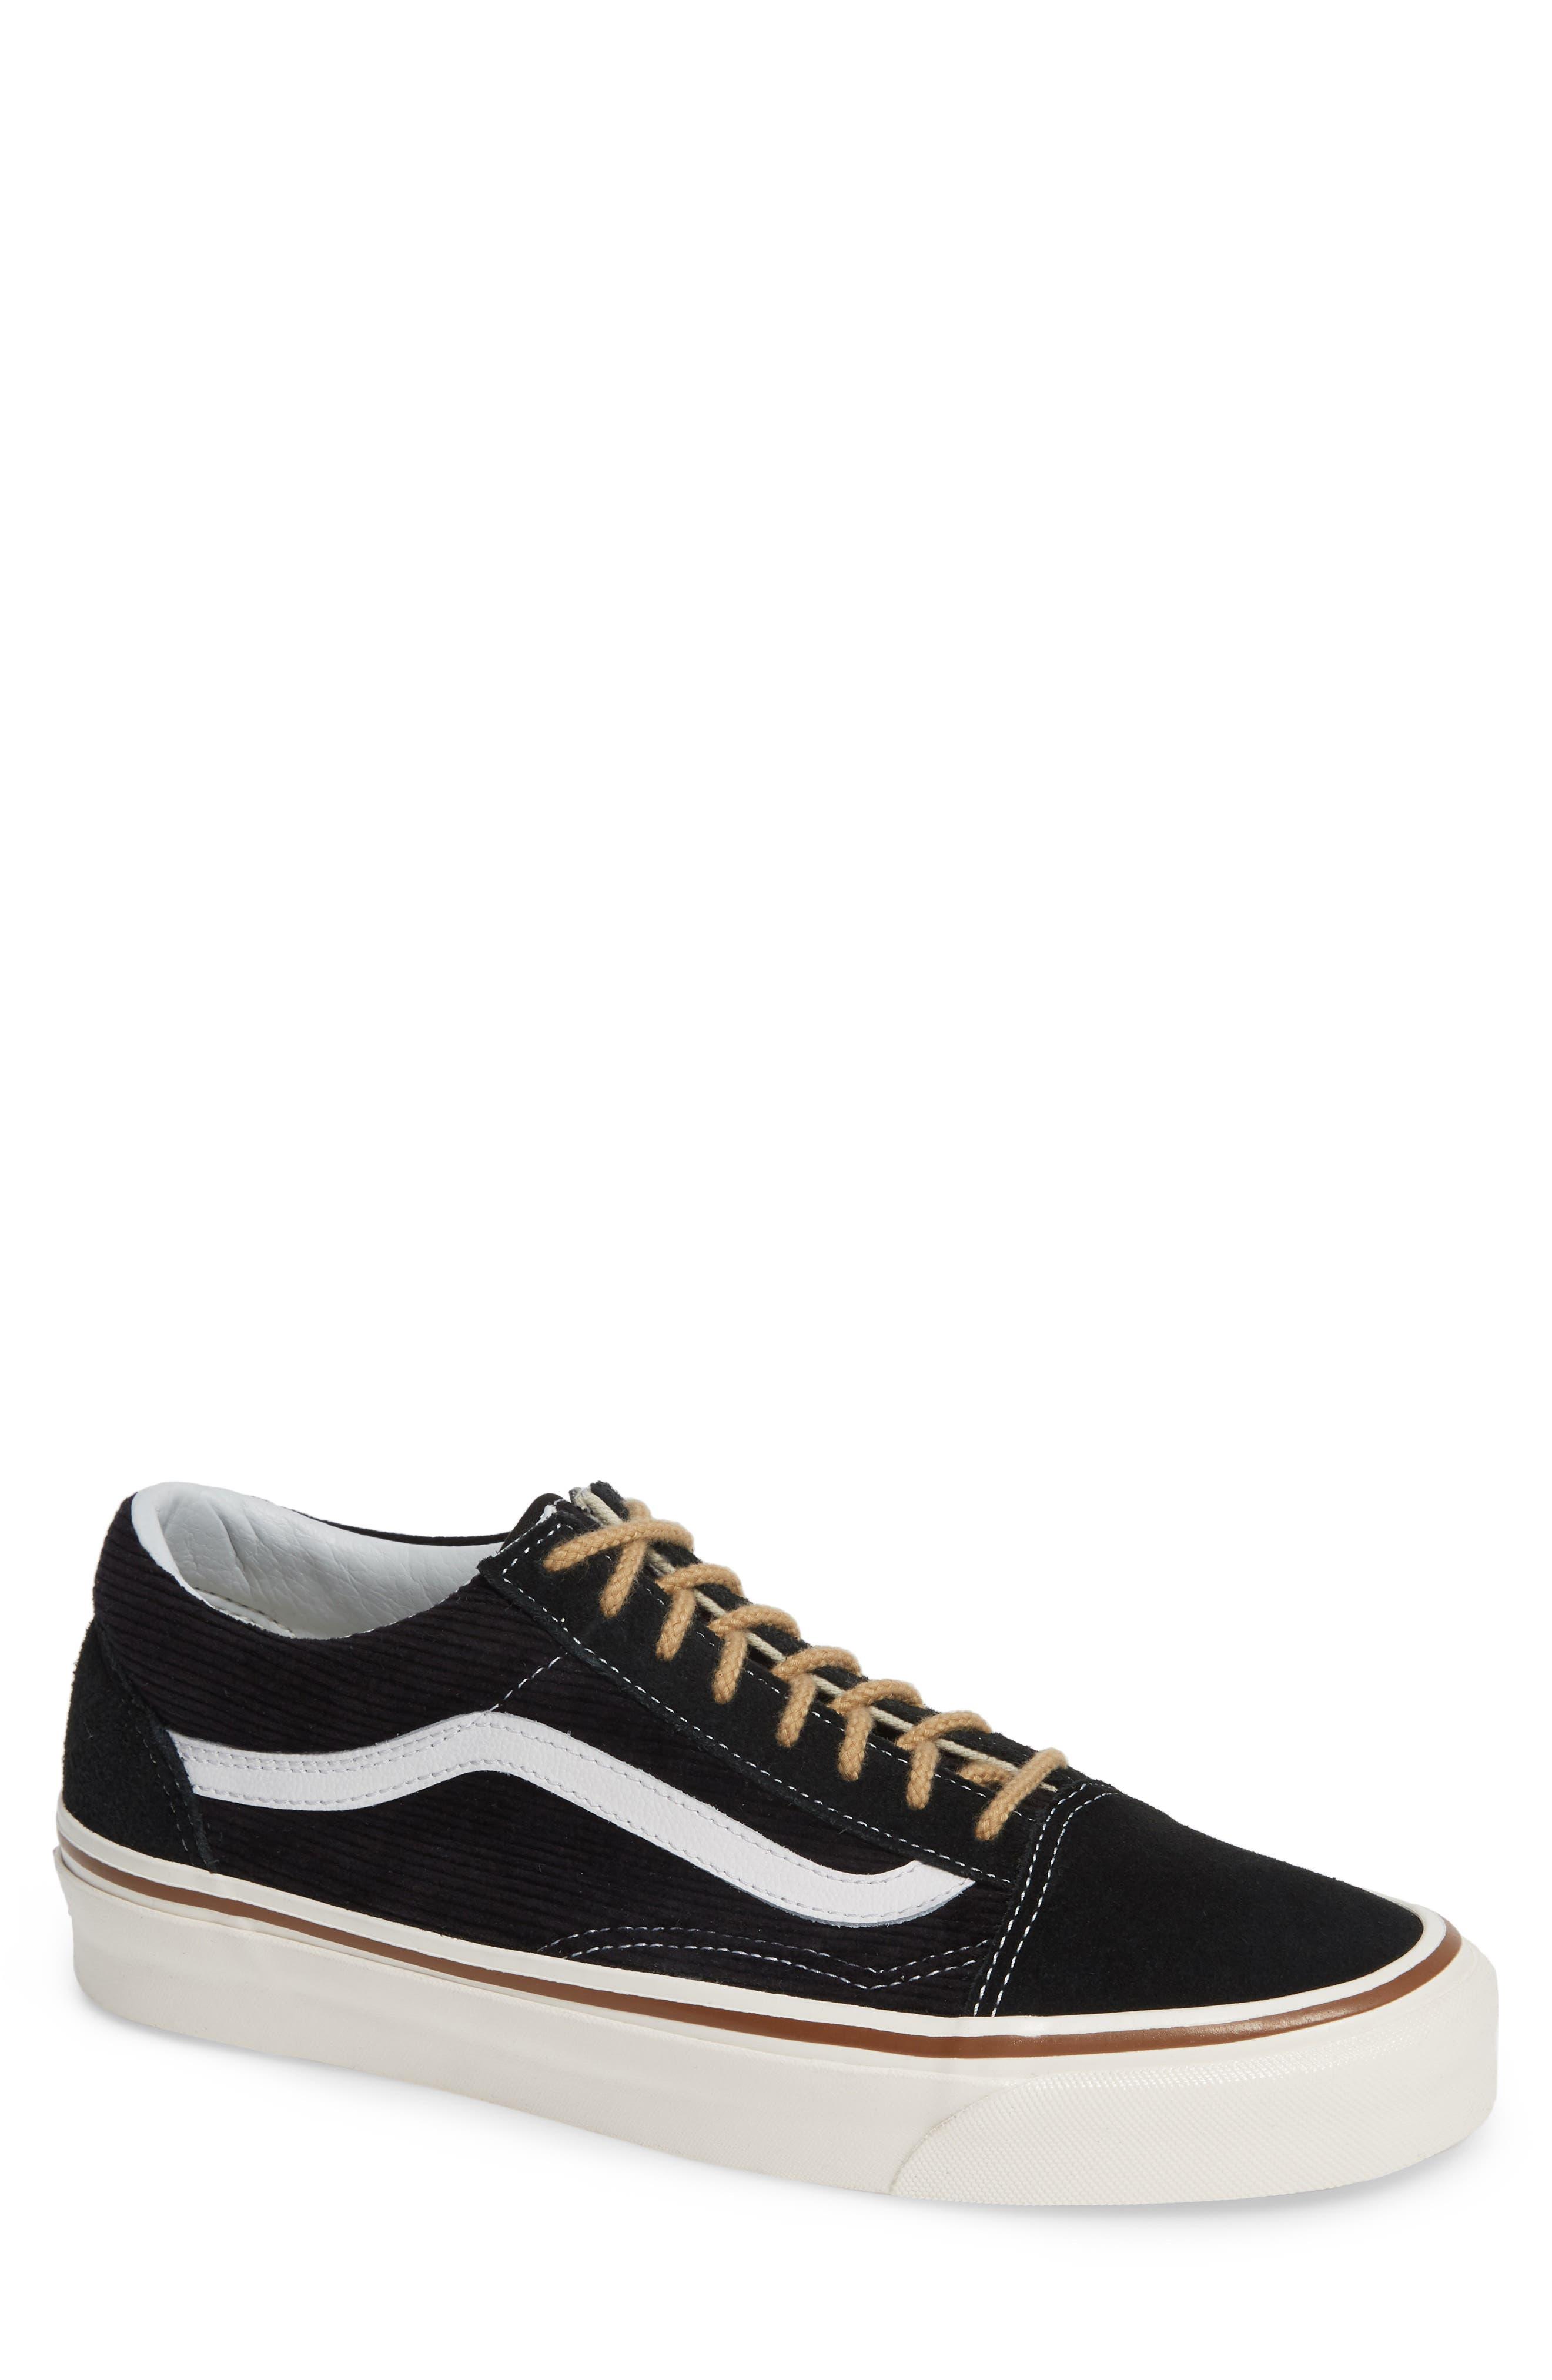 Vans Anaheim Factory Old Skool 36 Dx Sneaker In Black Suede